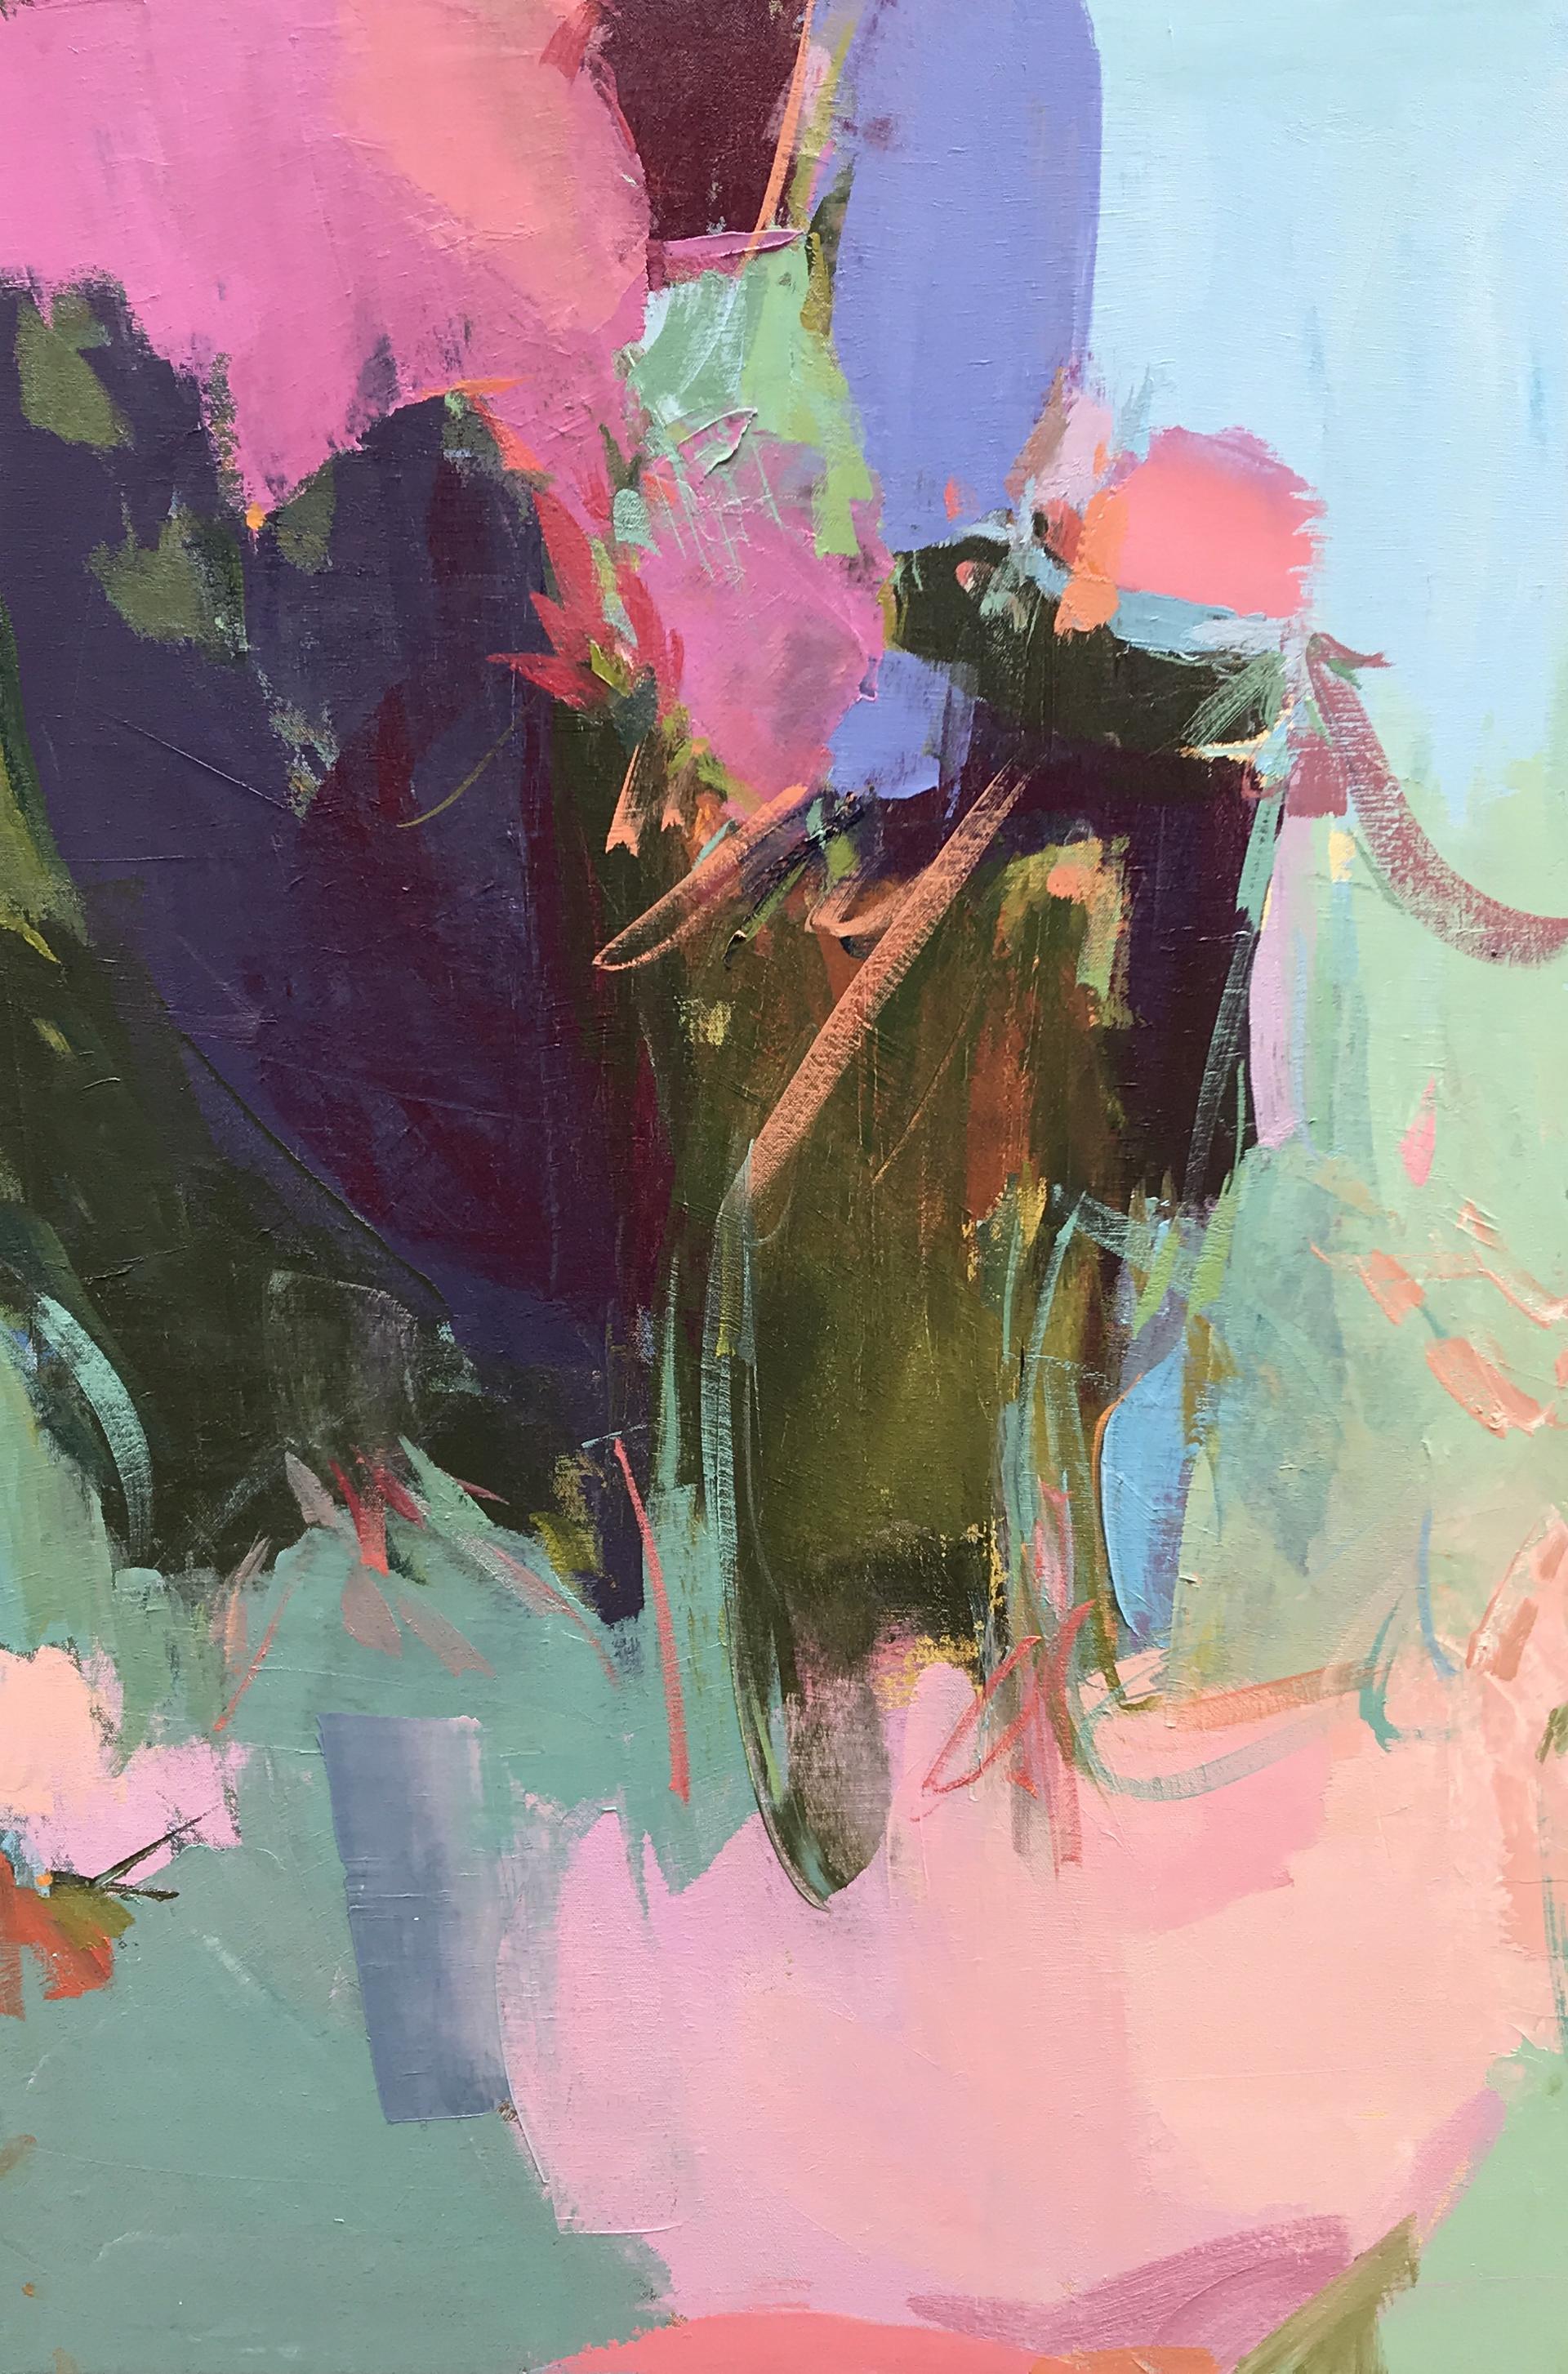 Pink Tulip by Marissa Vogl